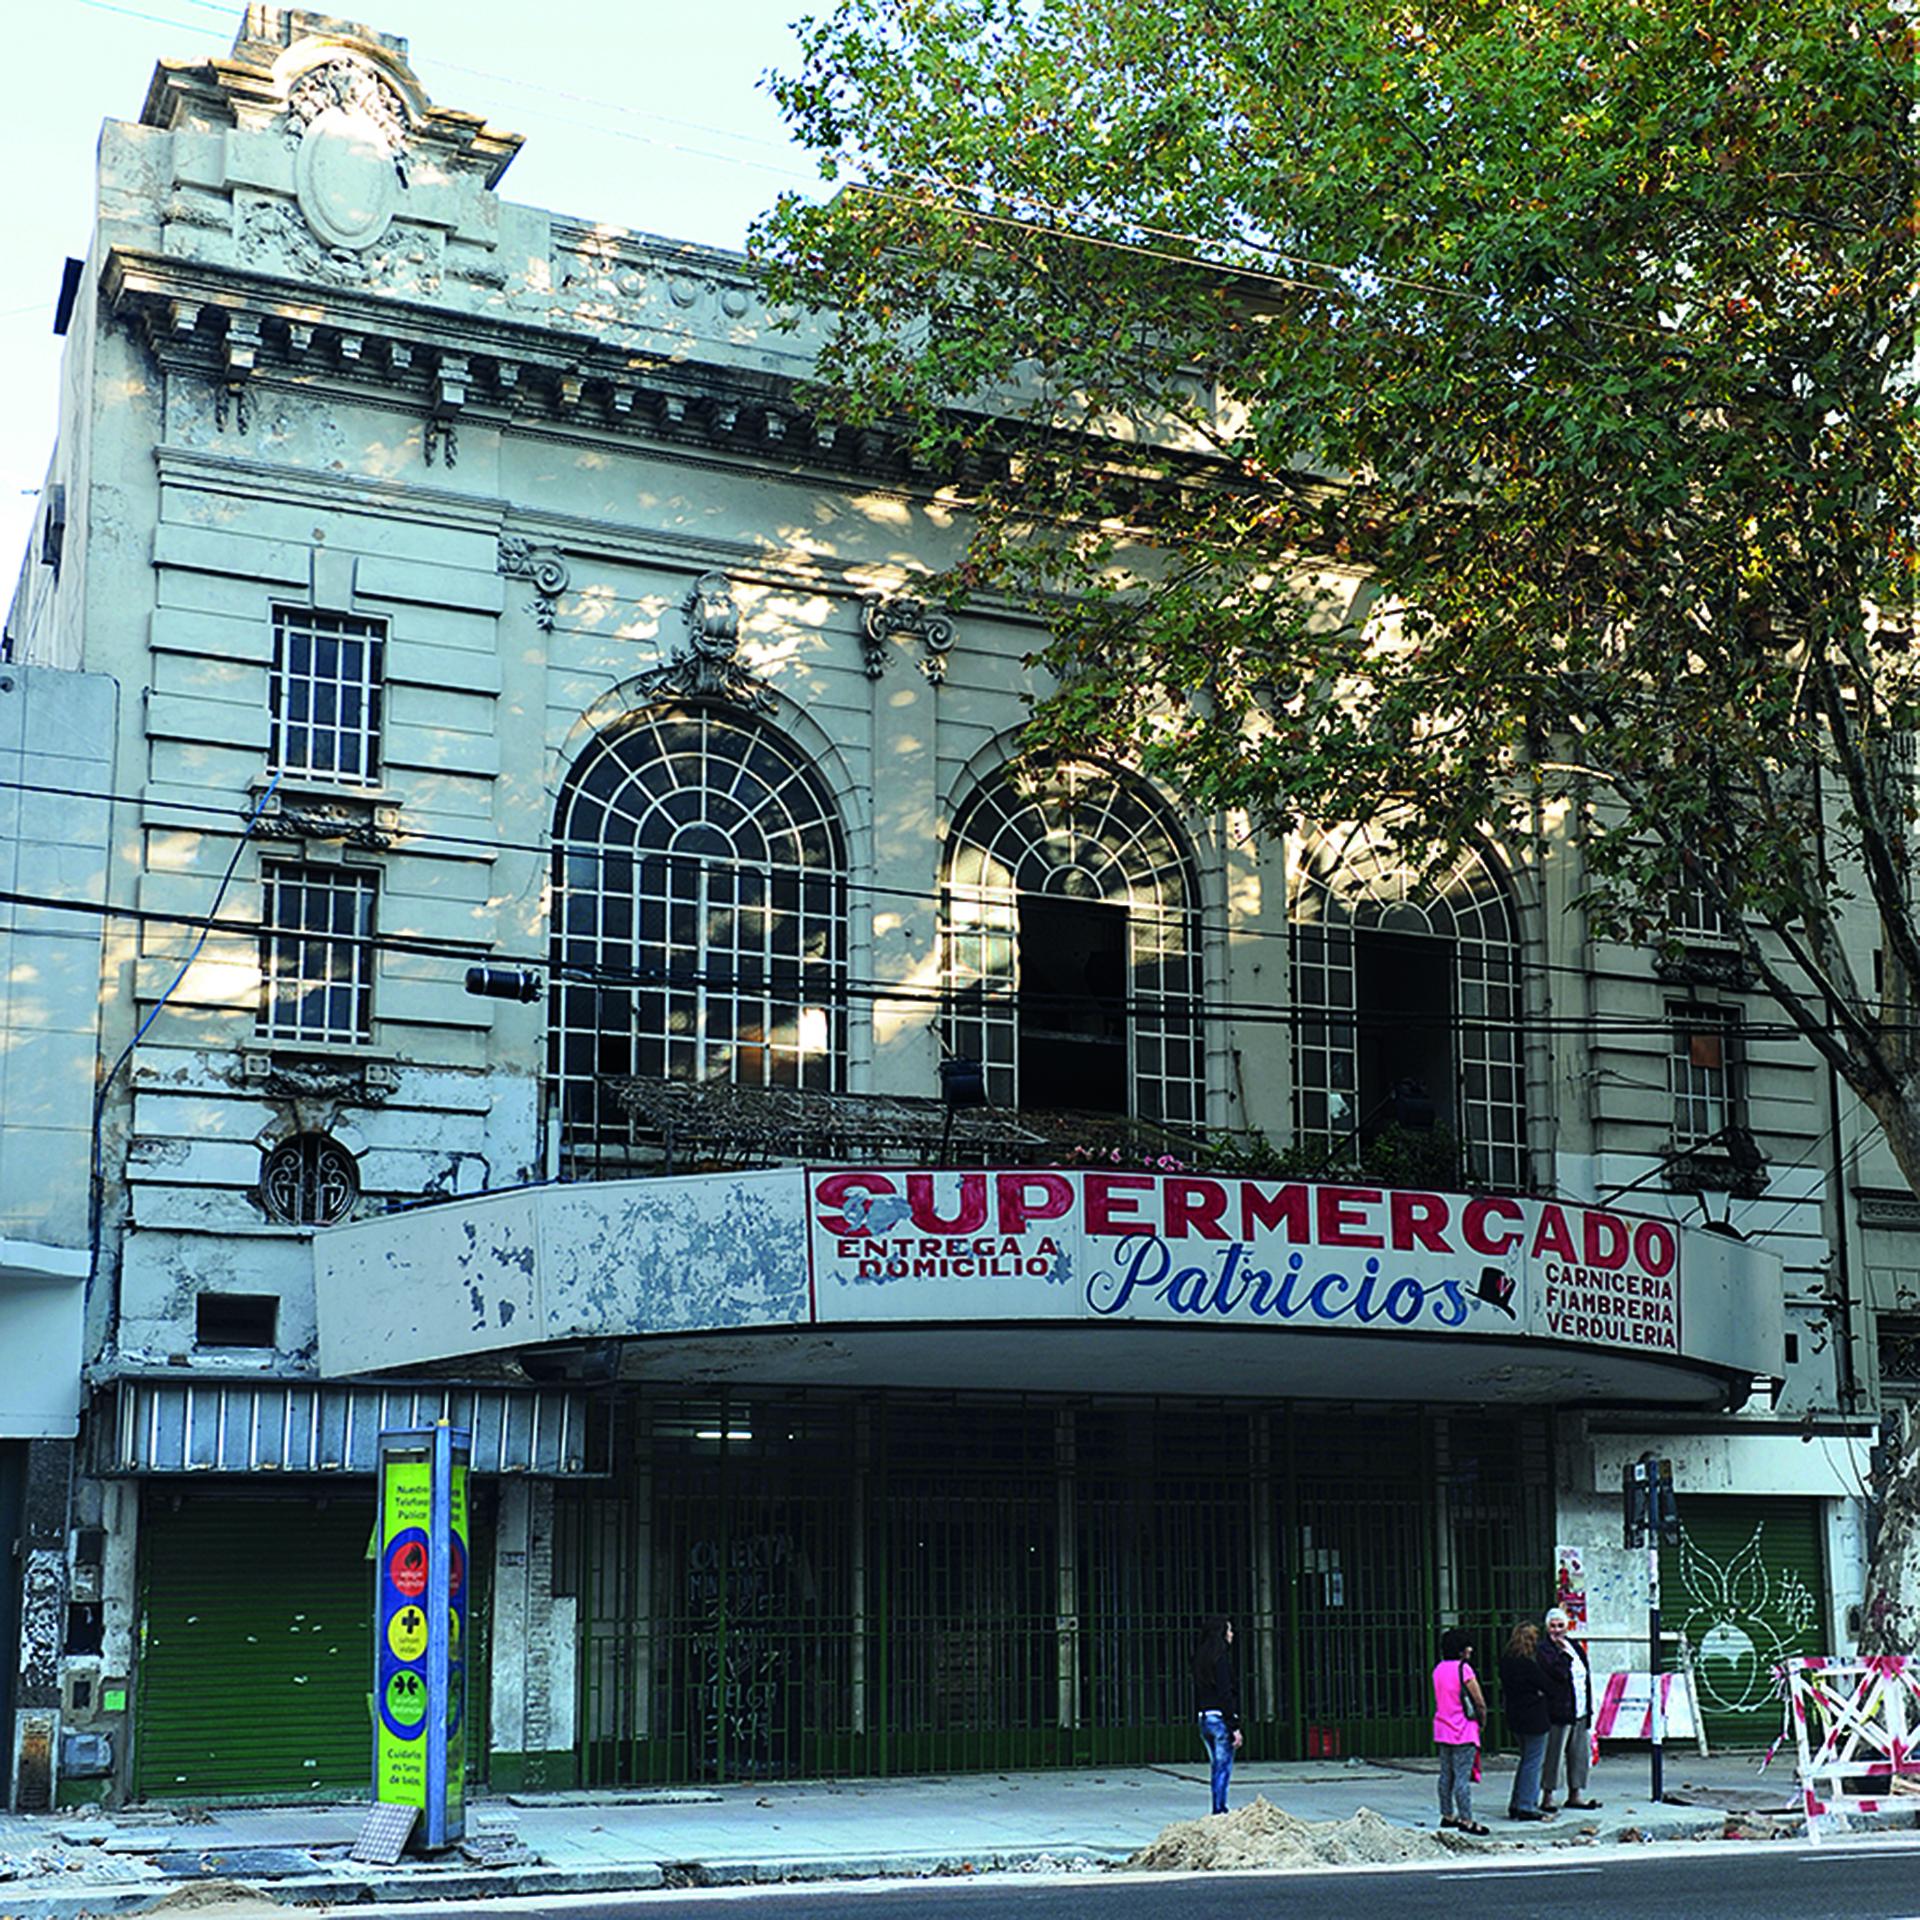 Cine-Teatro Urquiza, ahora reconvertido en un supermercado de barrio (Fabio Grementieri)